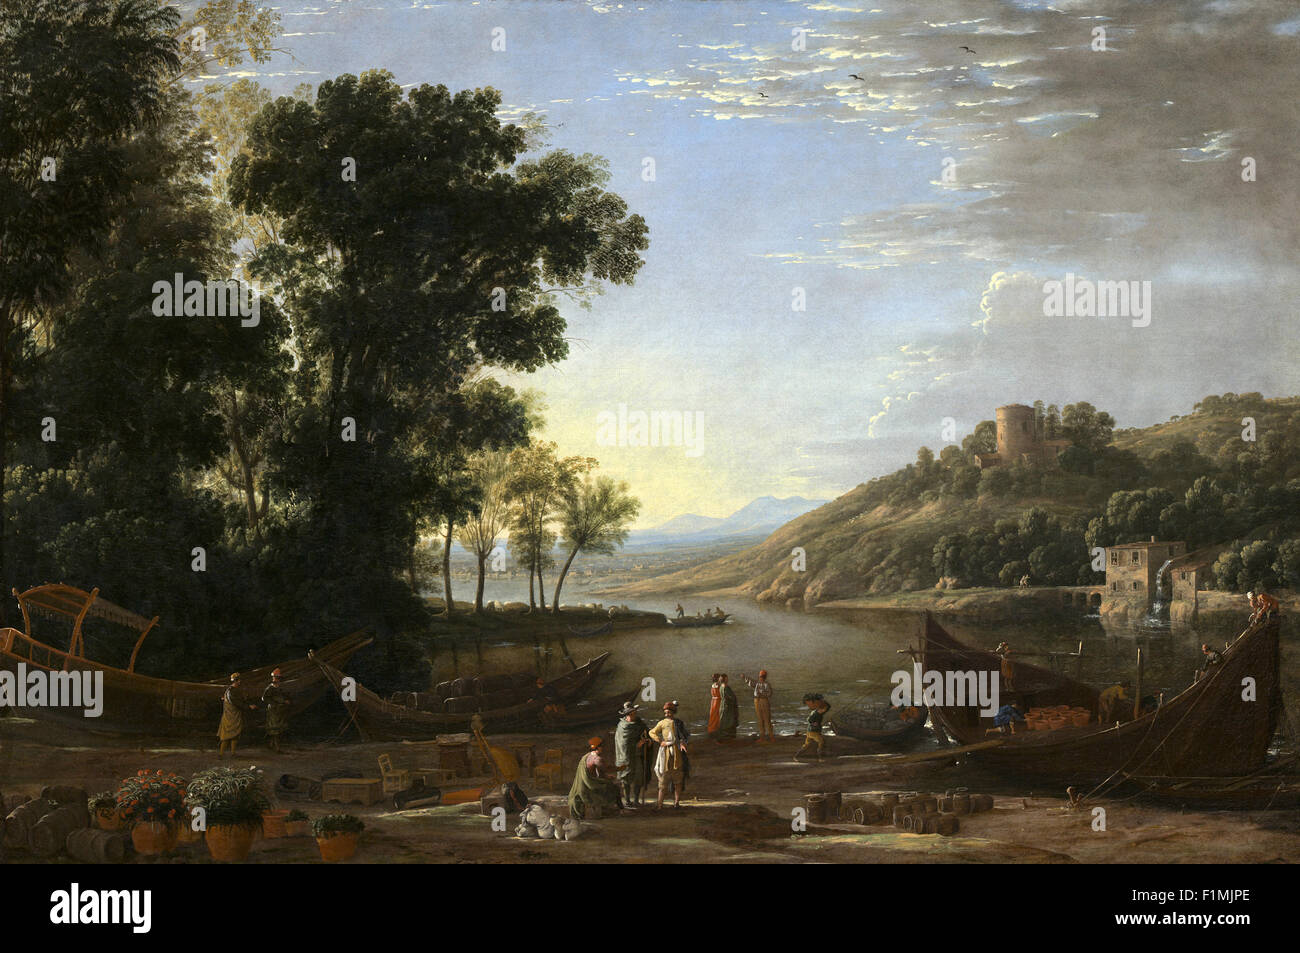 Claude Lorrain (Claude Gellée) - Landscape with Merchants - Stock Image